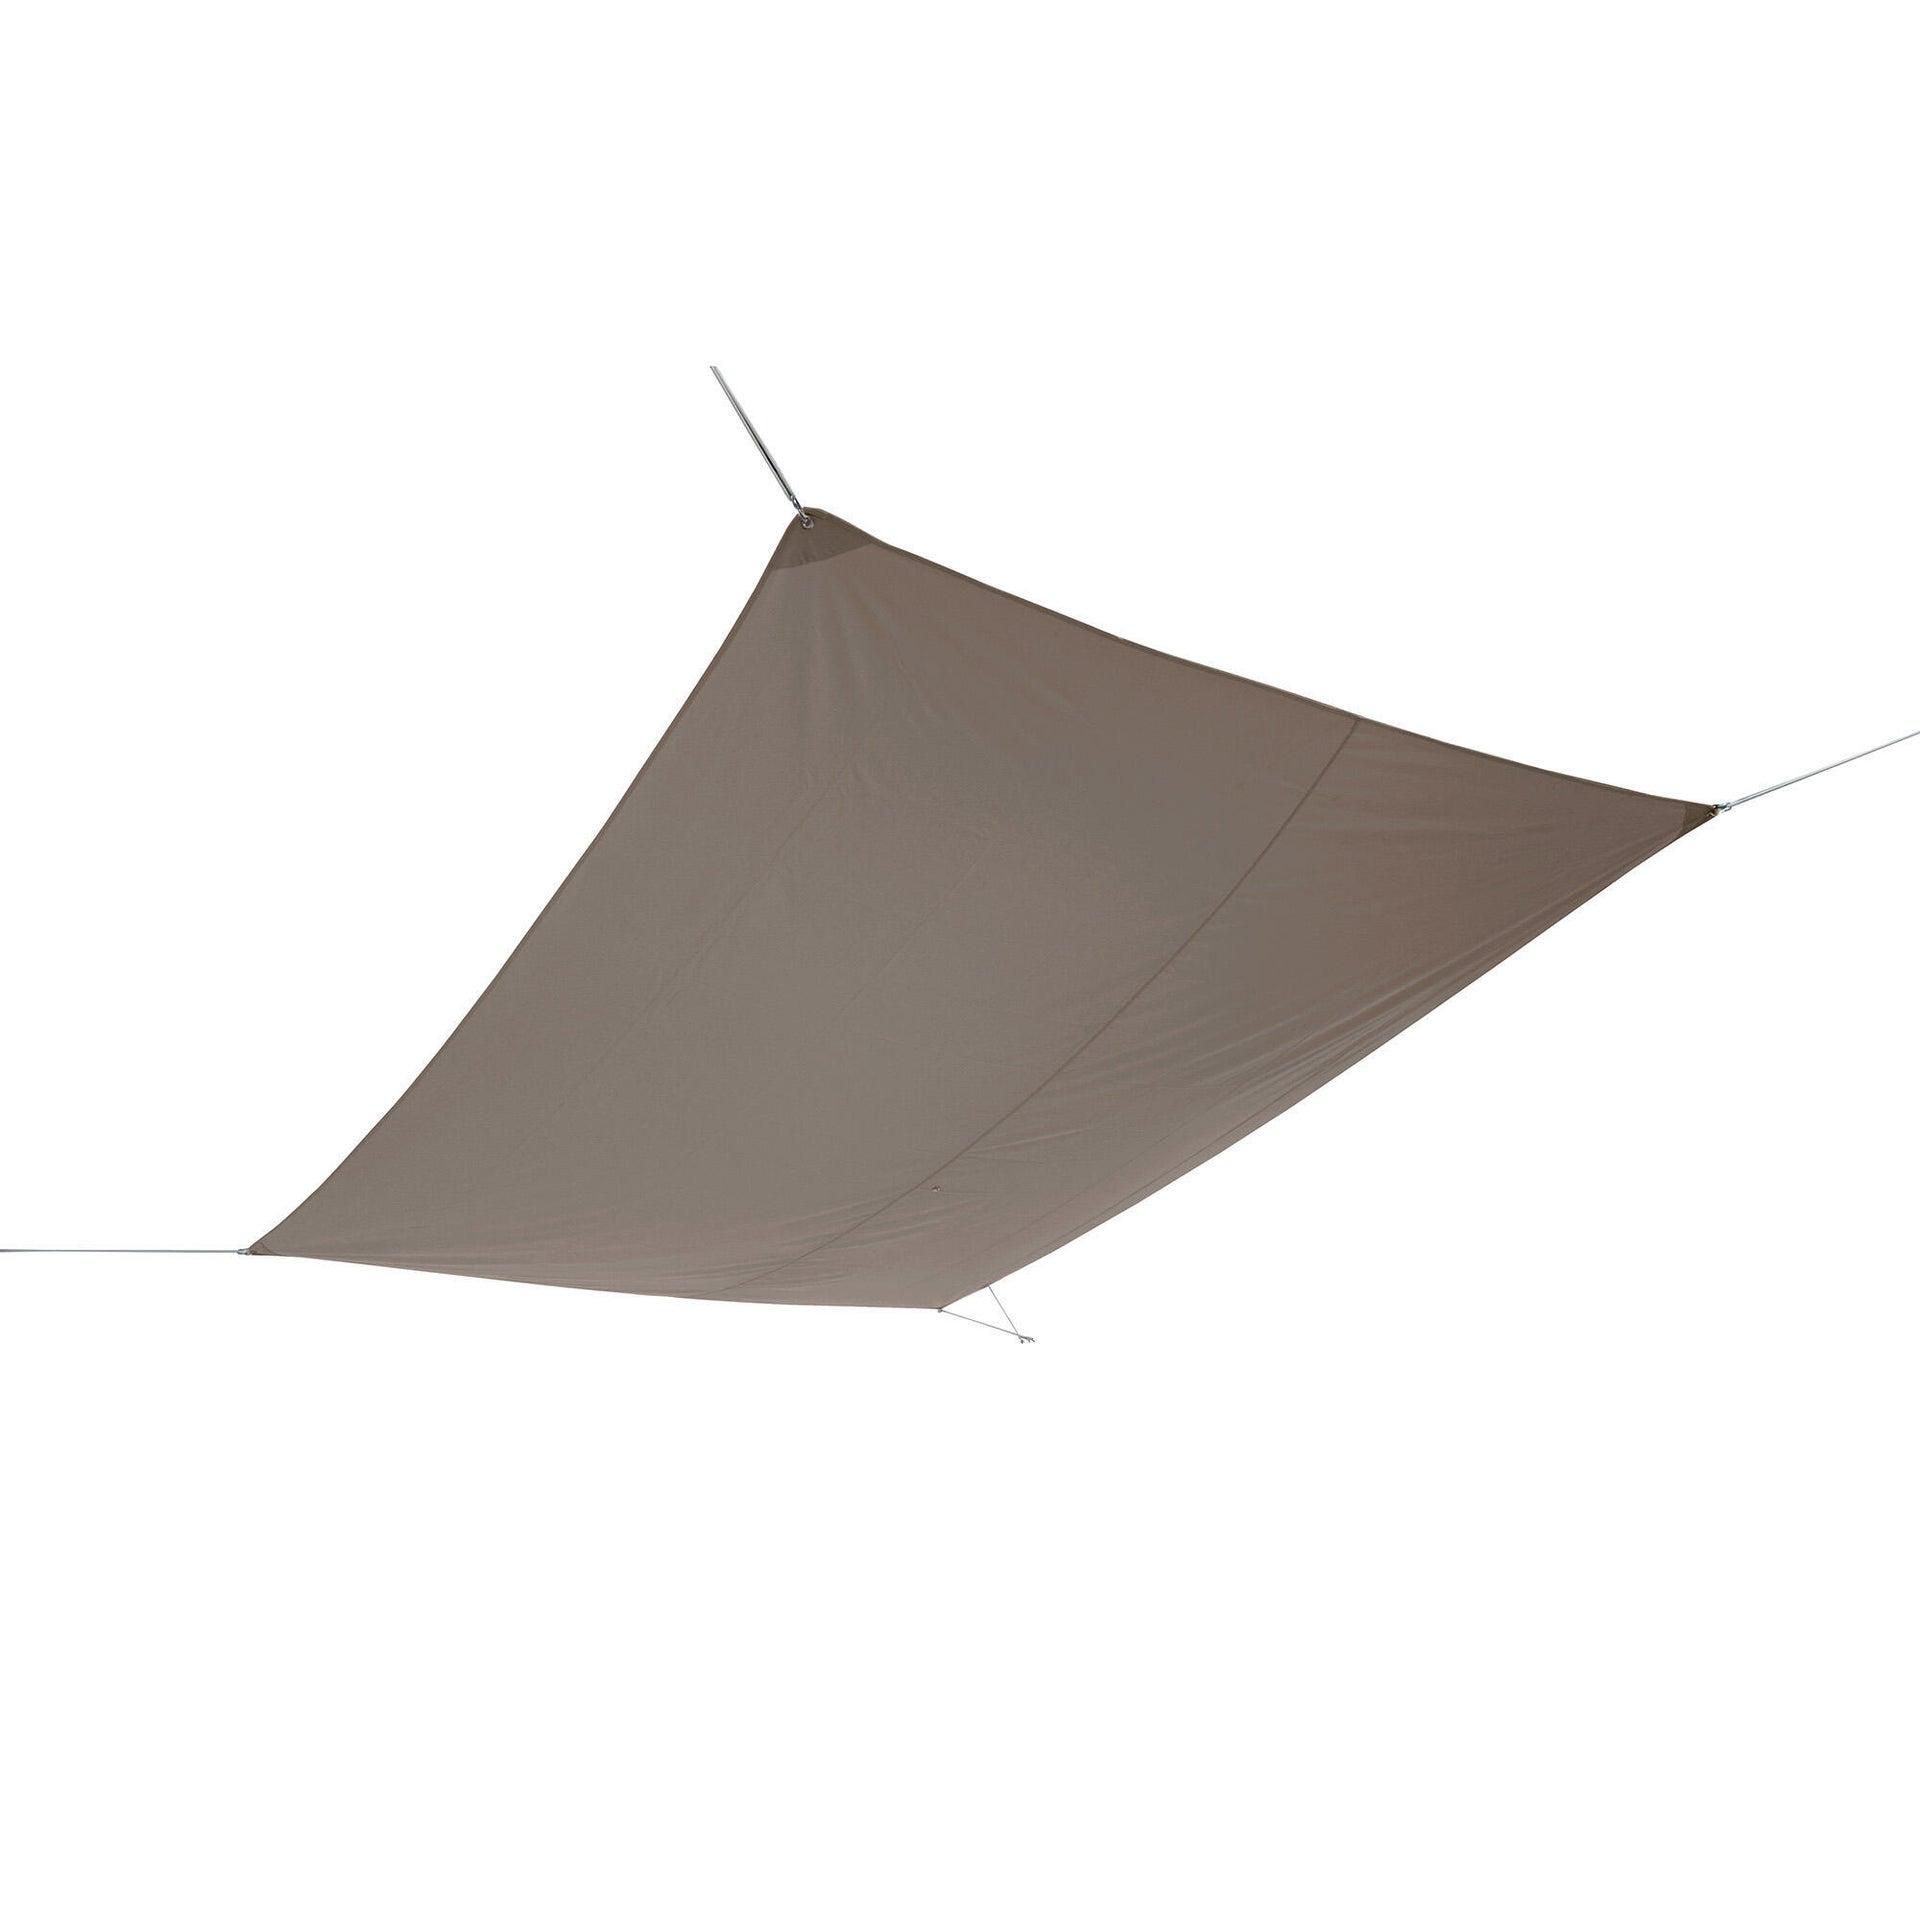 Vela ombreggiante Shade rettangolare tortora 300 x 400 cm - 6